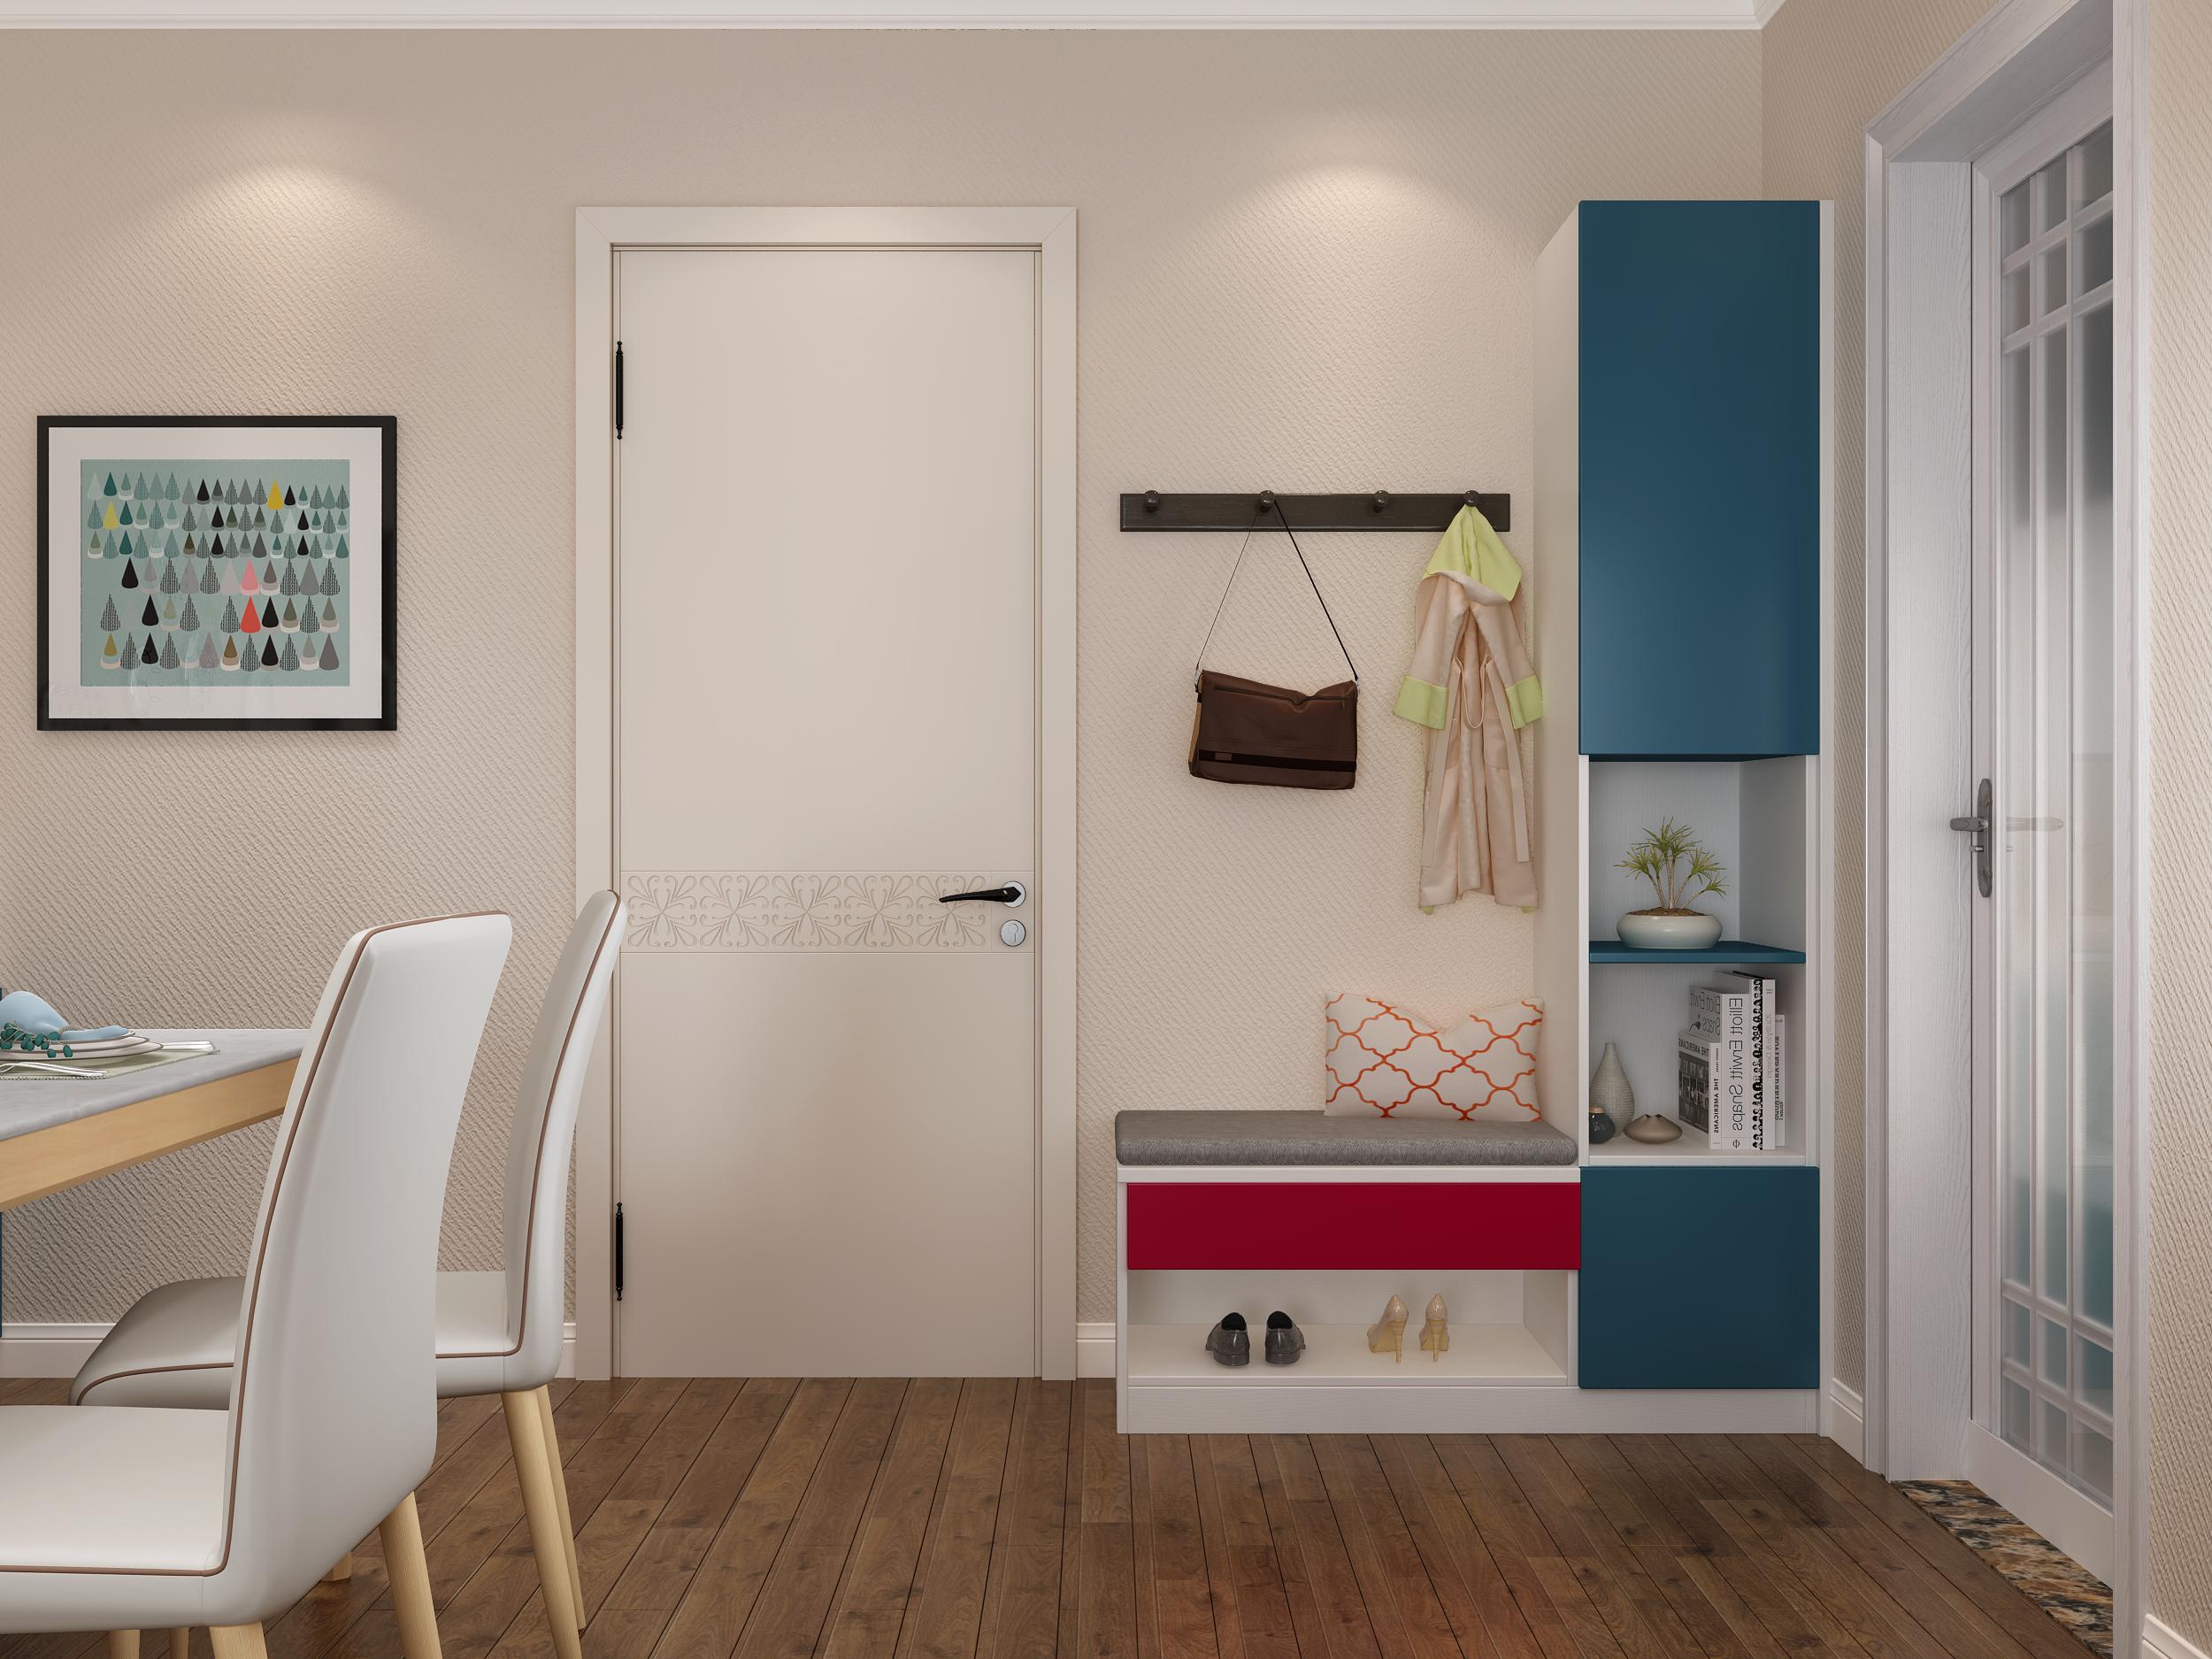 农村房屋装修怎么确保环保,选环保建材营造舒适家居环境